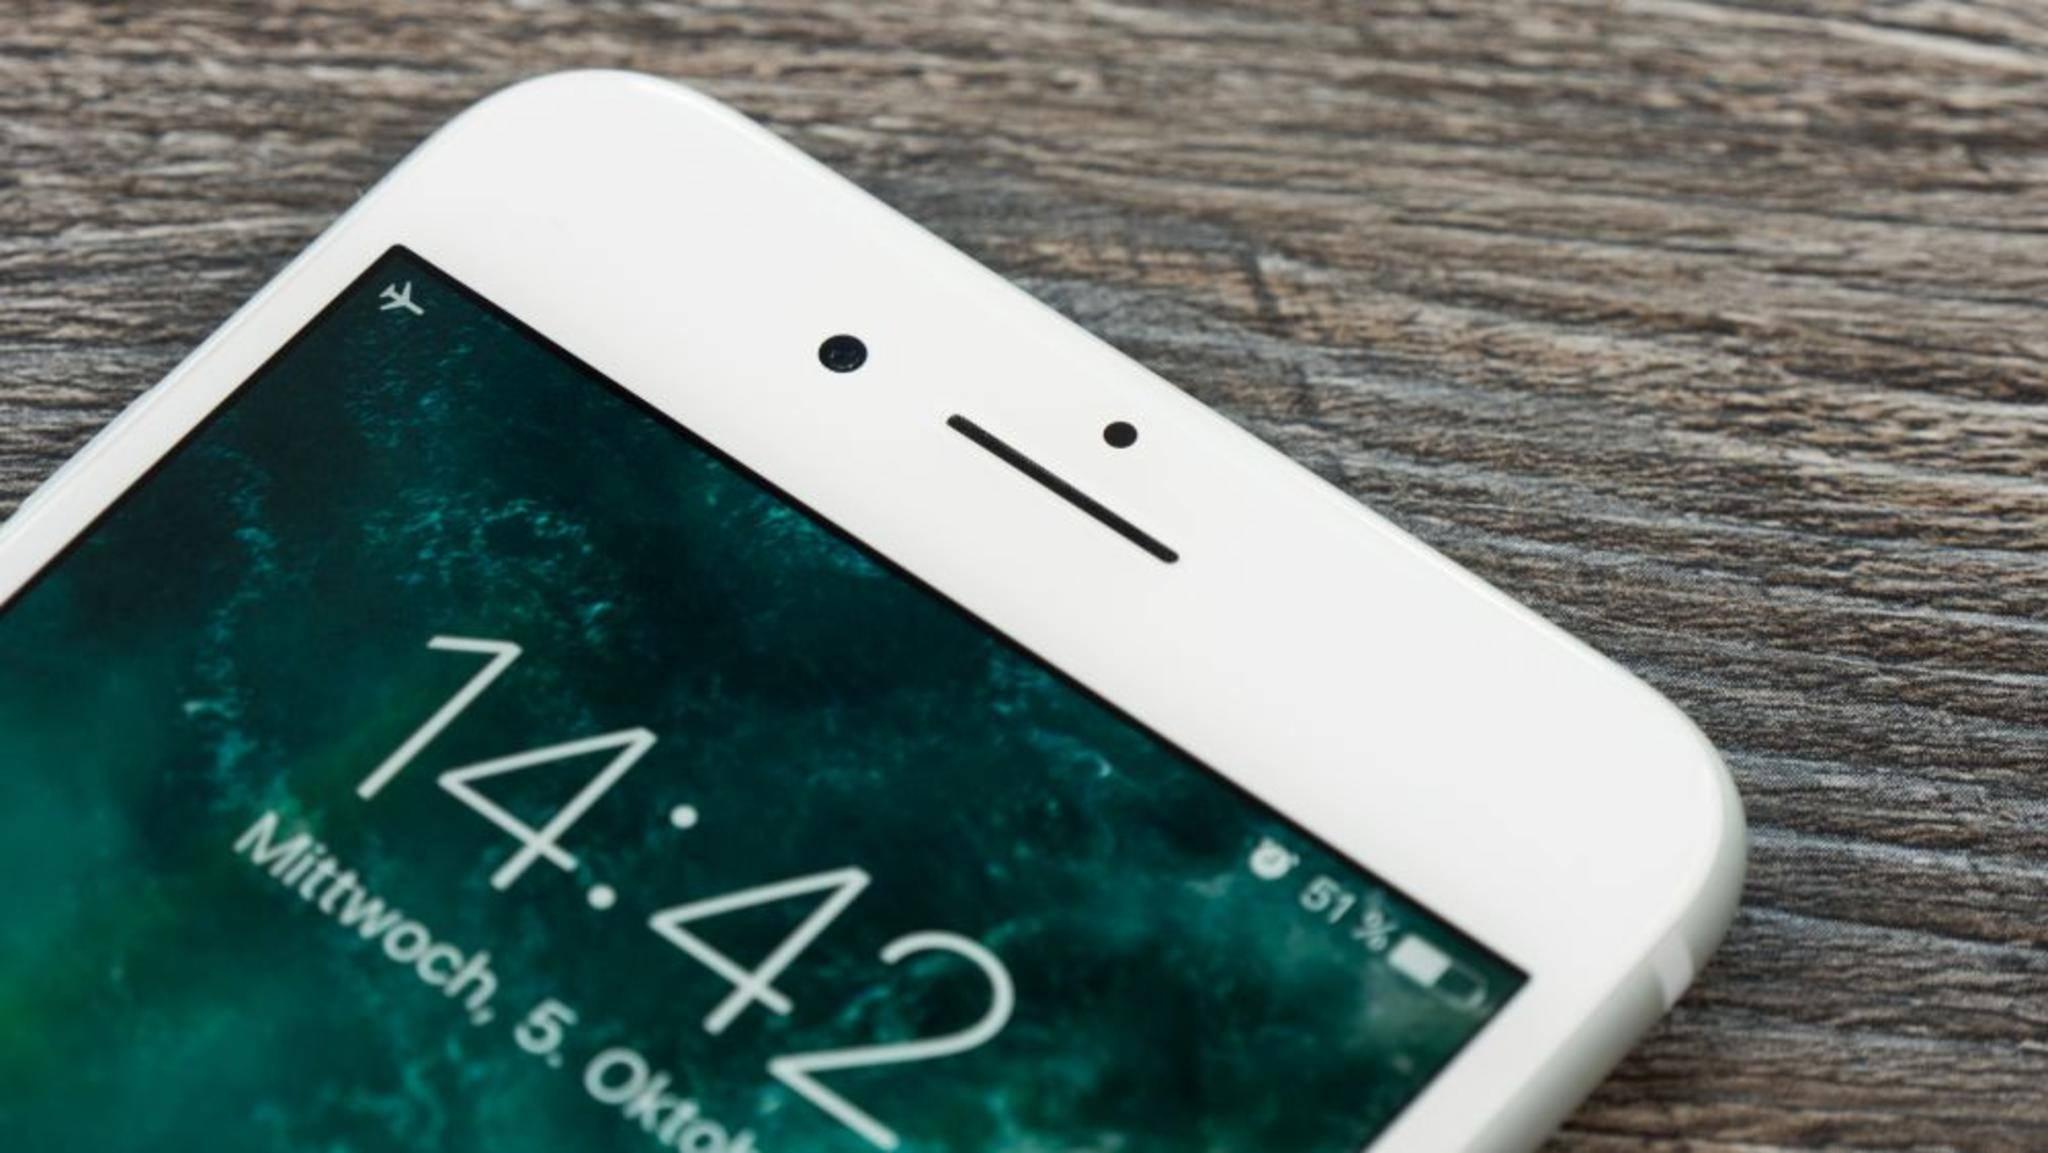 dein iphone akku ist schnell leer diese 9 tipps helfen. Black Bedroom Furniture Sets. Home Design Ideas